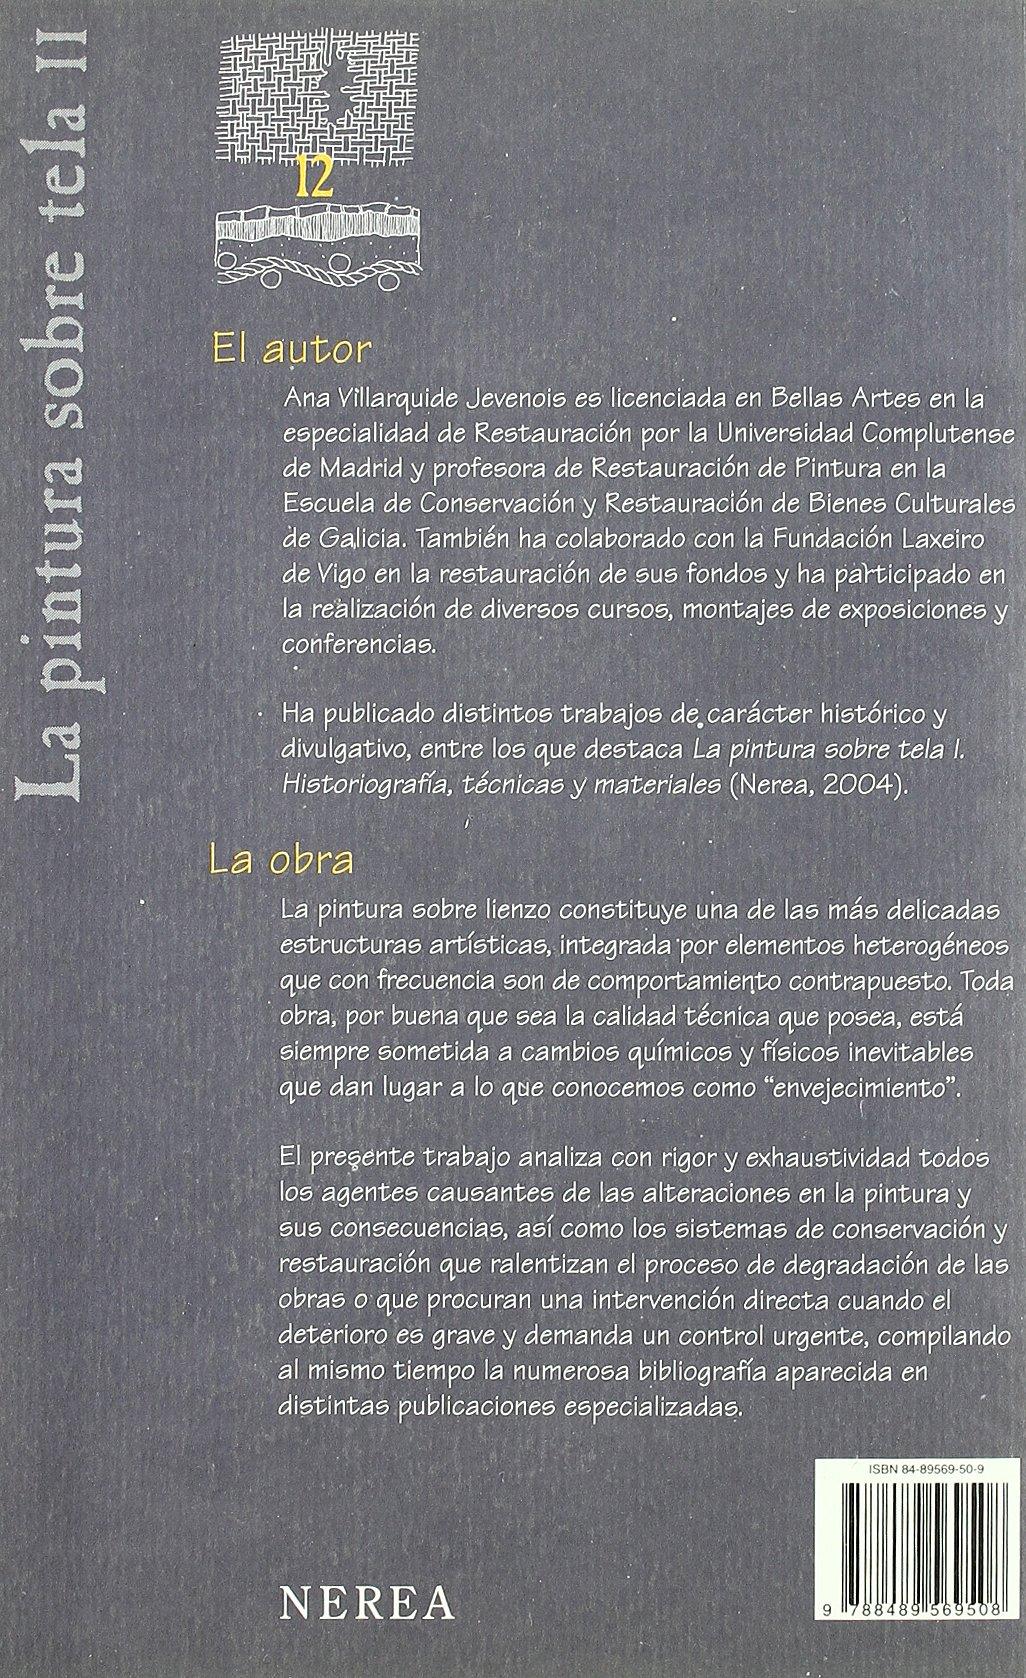 La pintura sobre tela. Vol. 2.: Alteraciones, materiales y tratamientos de restauración Arte y Restauración: Amazon.es: Ana Villarquide: Libros